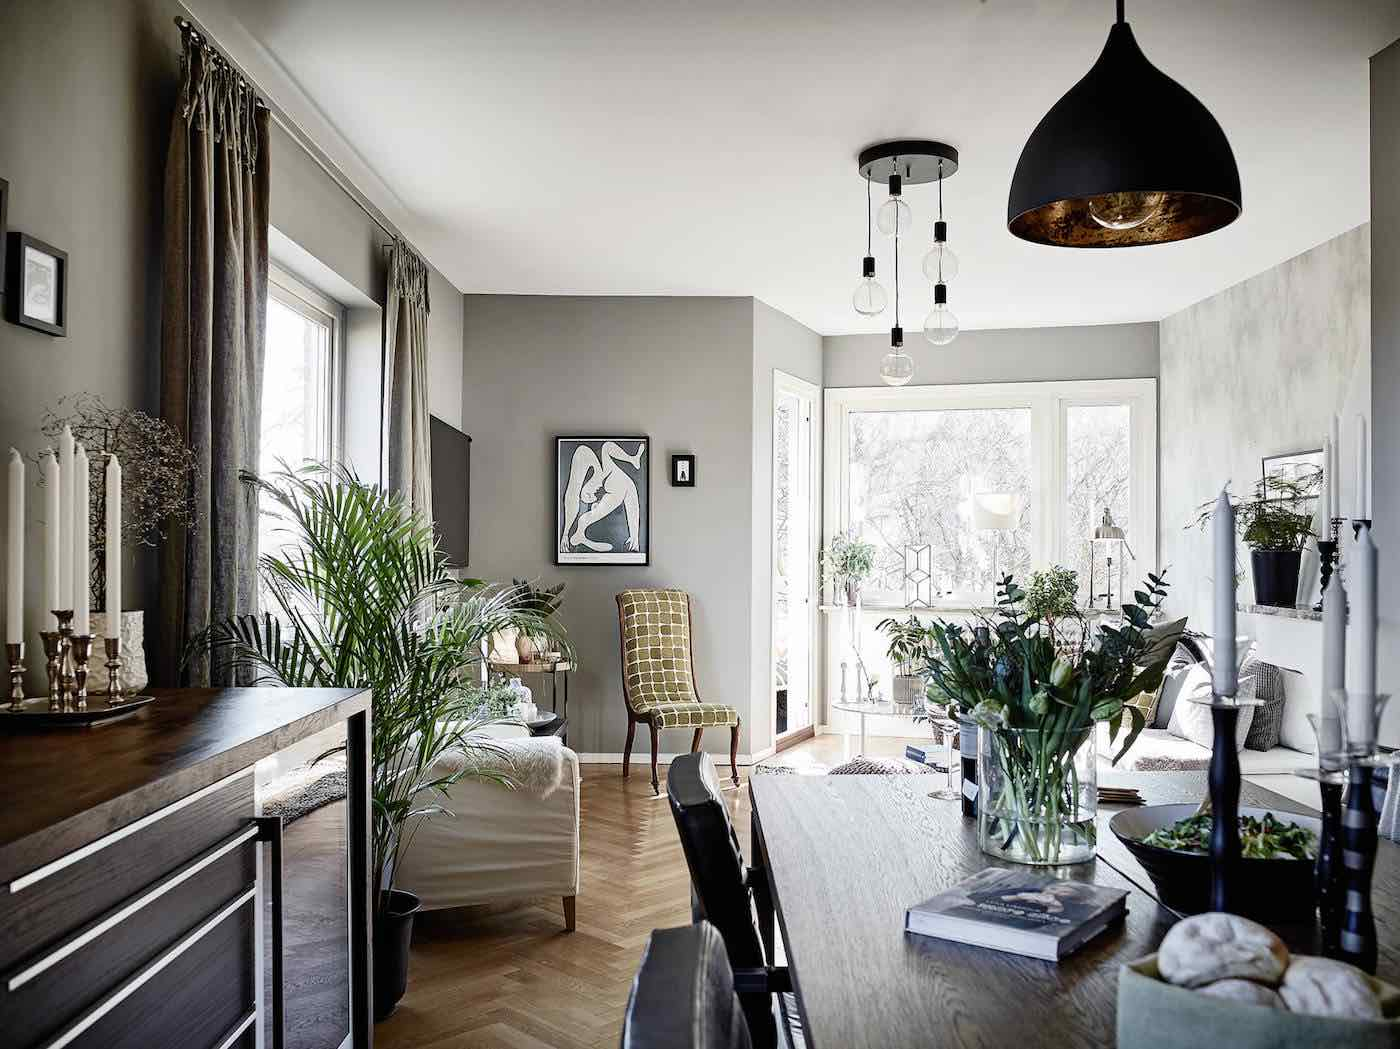 Einrichtungsideen Wohnzimmer Gemutlich Modern – Caseconrad.com